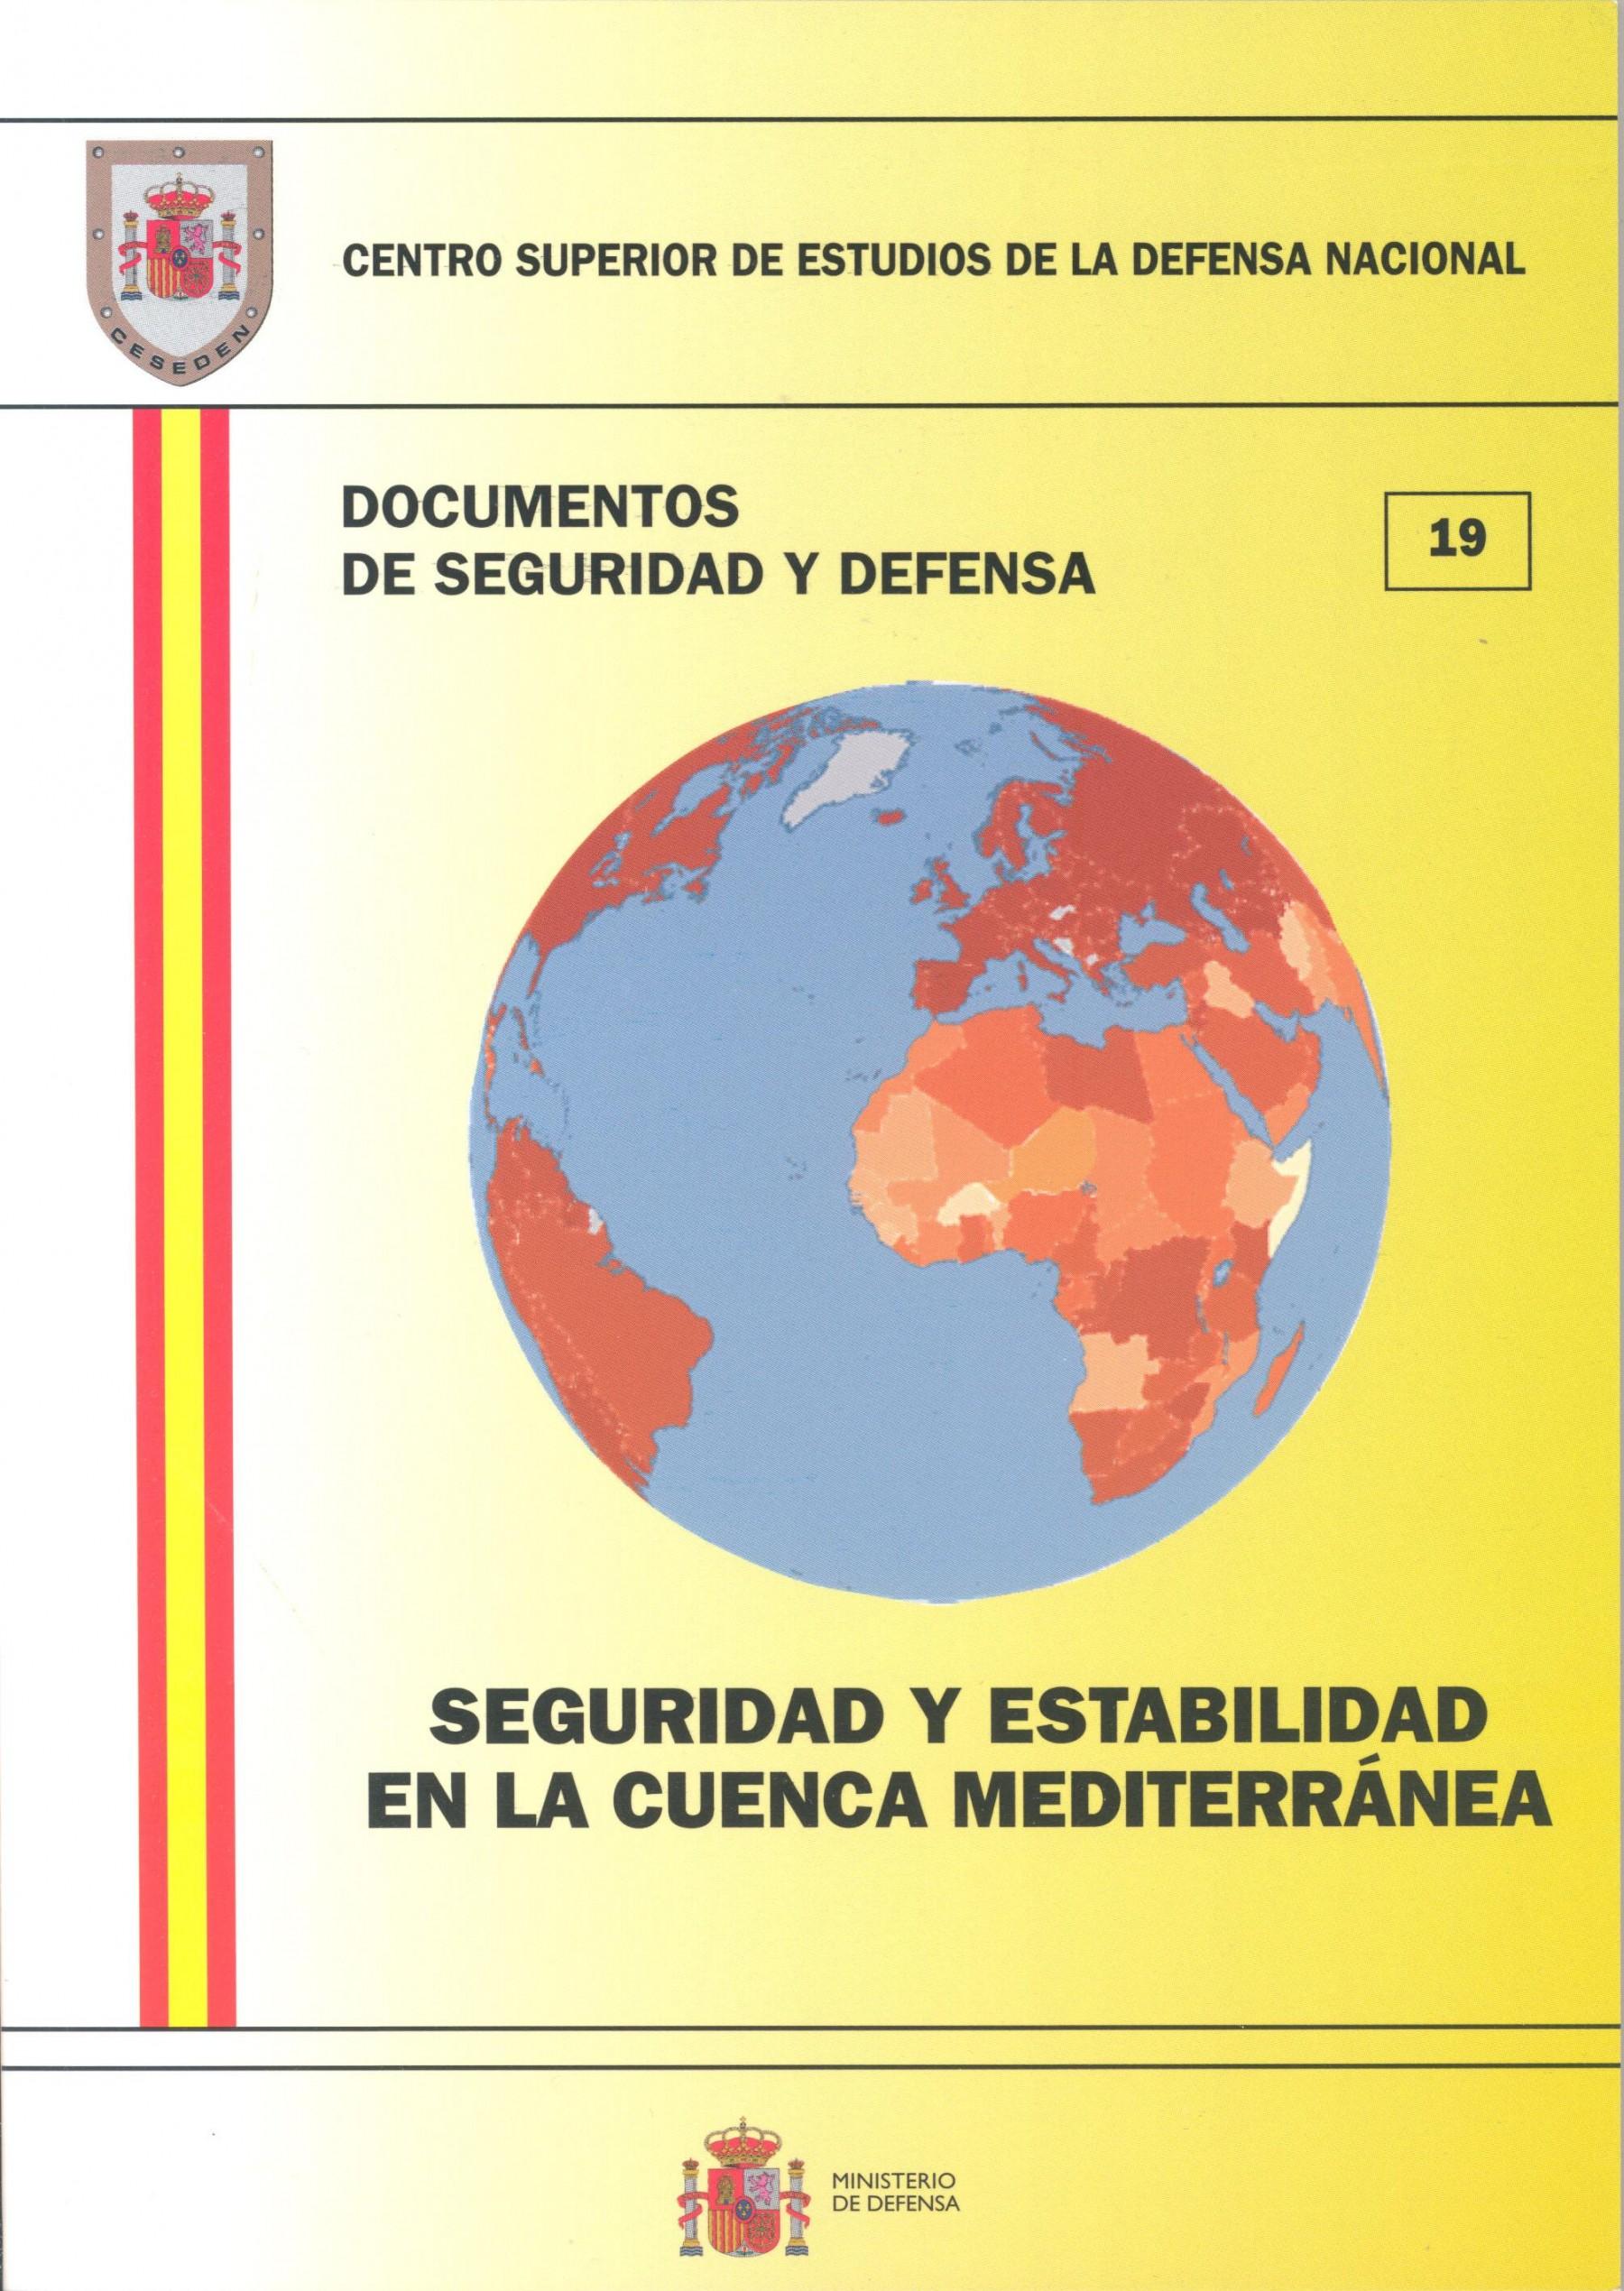 SEGURIDAD Y ESTABILIDAD EN LA CUENCA MEDITERRÁNEA